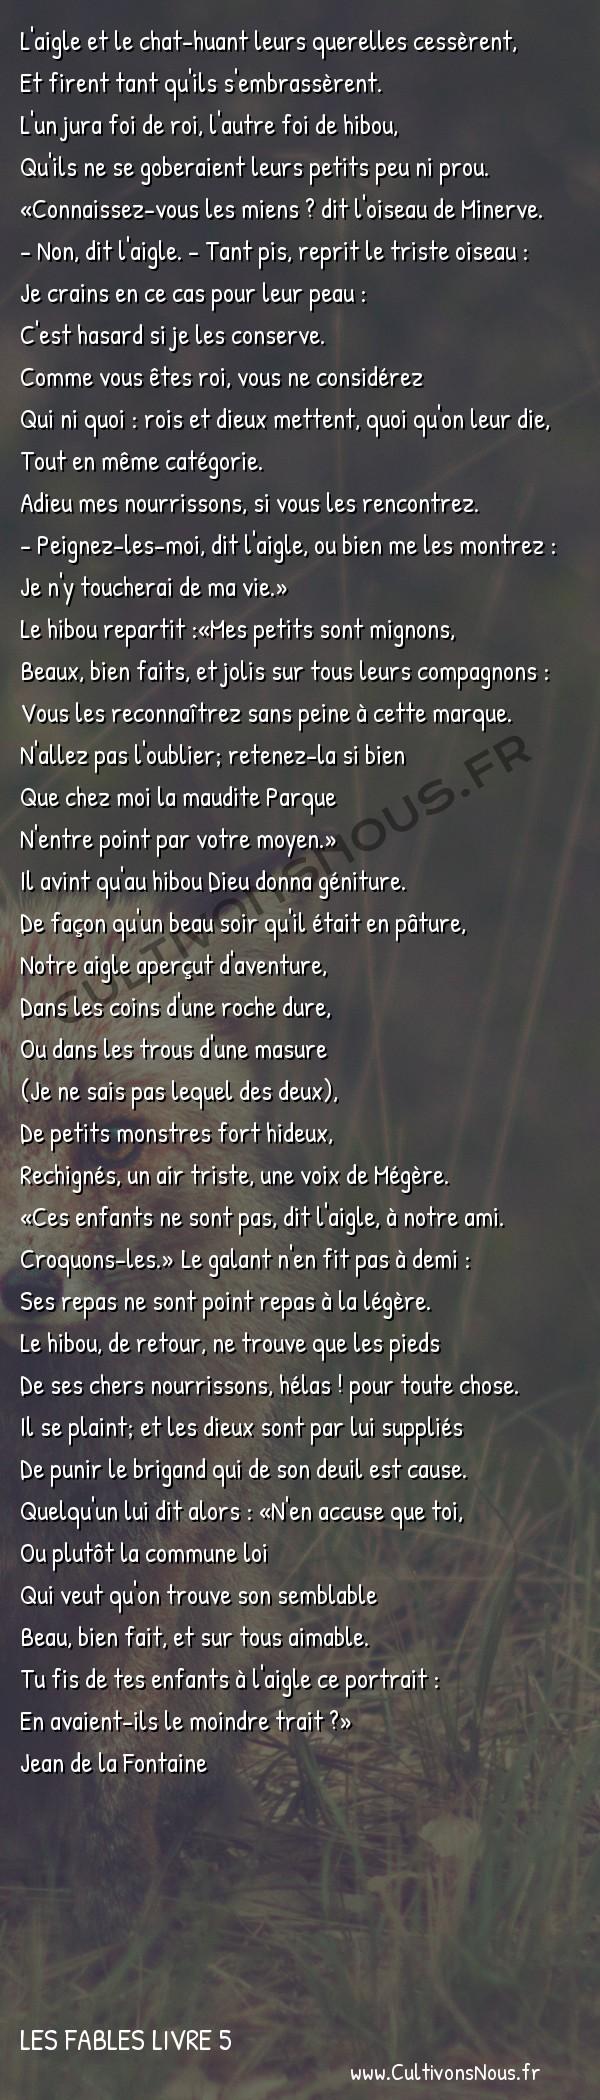 Fables Jean de la Fontaine - Les fables Livre 5 - L' Aigle et le Hibou -   L'aigle et le chat-huant leurs querelles cessèrent, Et firent tant qu'ils s'embrassèrent.